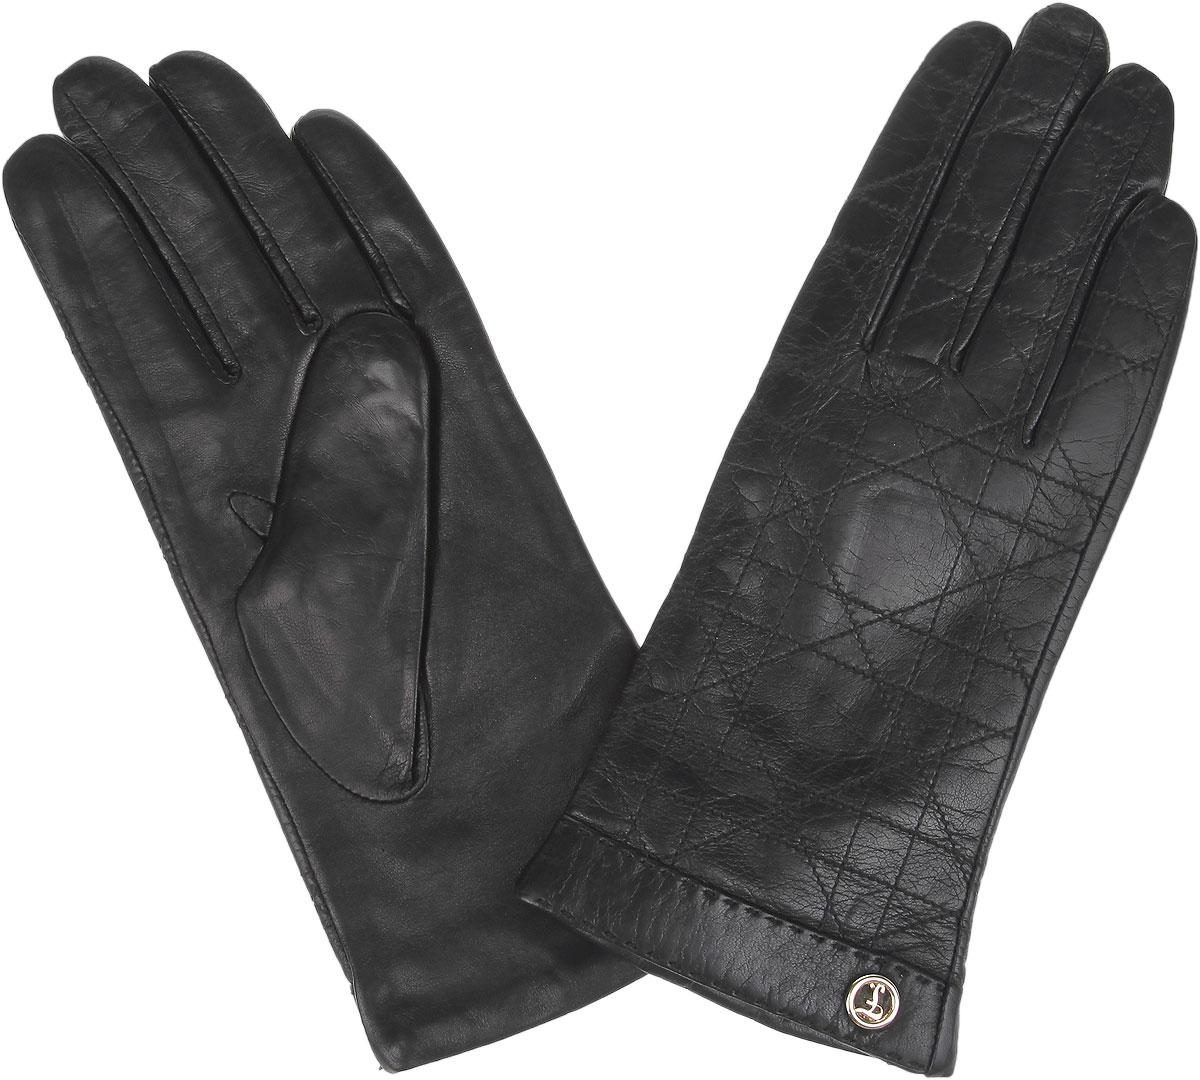 Перчатки9.61-1_blackЖенские перчатки Fabretti защитят ваши руки от холода и станут стильным дополнением вашего образа. Перчатки изготовлены из натуральной кожи на подкладке из шерсти с добавлением кашемира. Лицевую сторону изделия украшают прострочка и небольшой декоративный элемент с логотипом бренда. Перчатки являются неотъемлемой принадлежностью одежды, вместе с этим аксессуаром вы обретаете женственность и элегантность. Они станут завершающим и подчеркивающим элементом вашего неповторимого стиля.